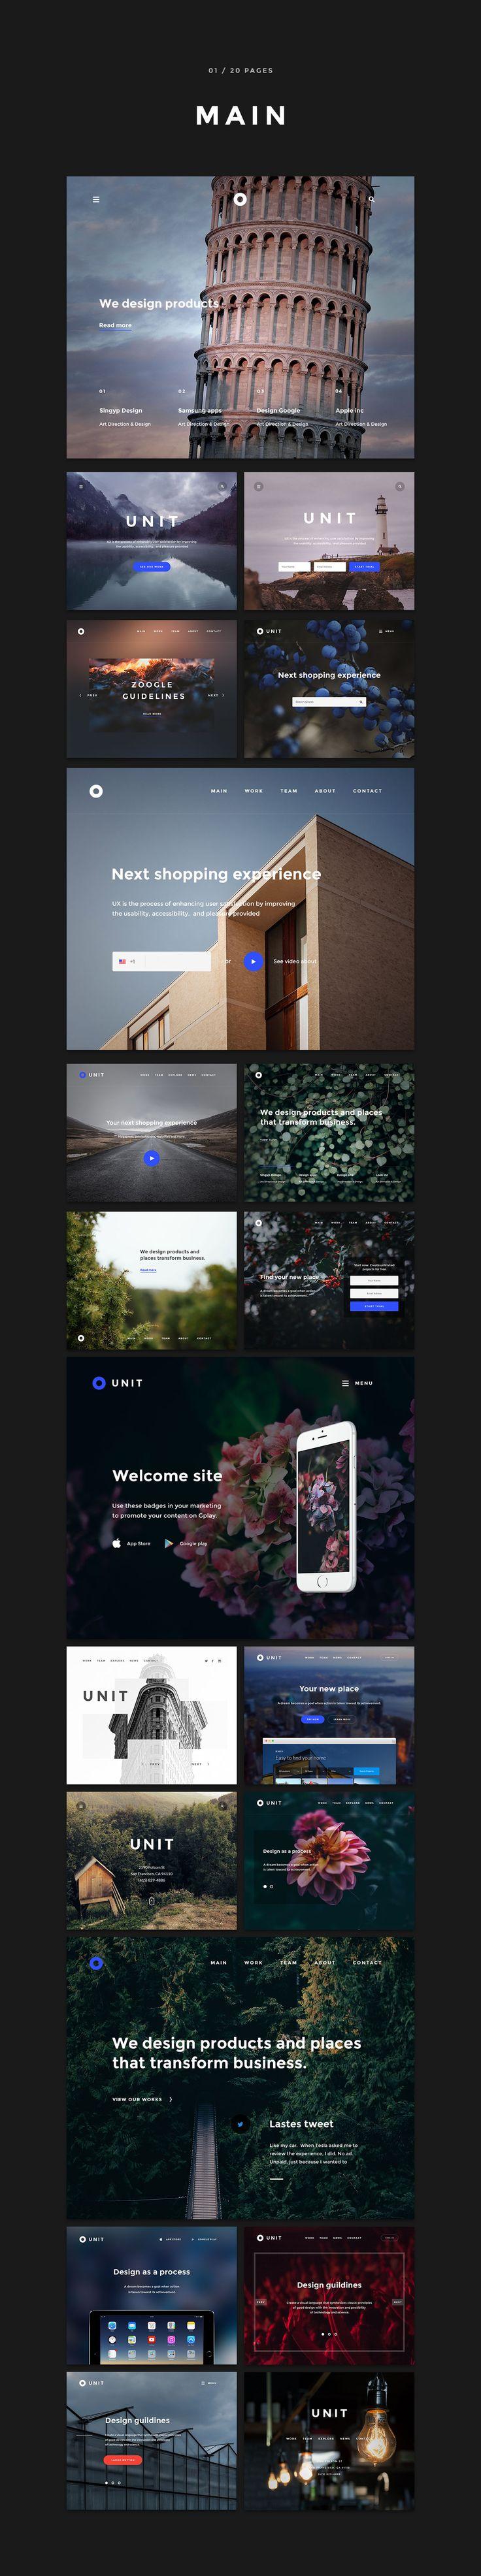 437 best www images on pinterest website layout design websites